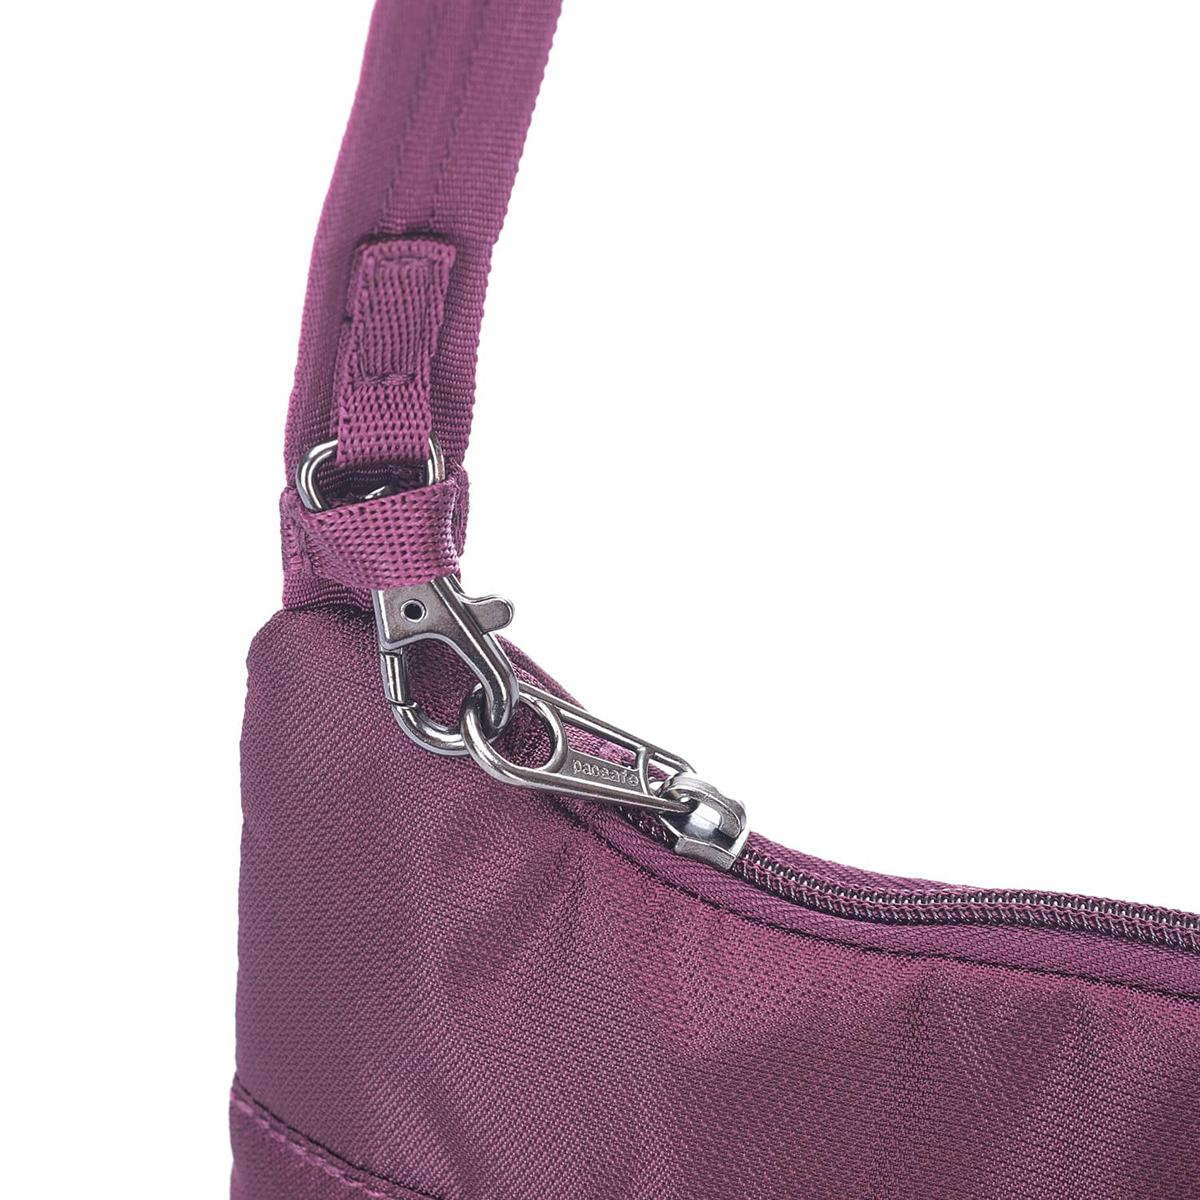 PacSafe-DaySafe-Anti-Theft-Slim-Crossbody-Bag thumbnail 12